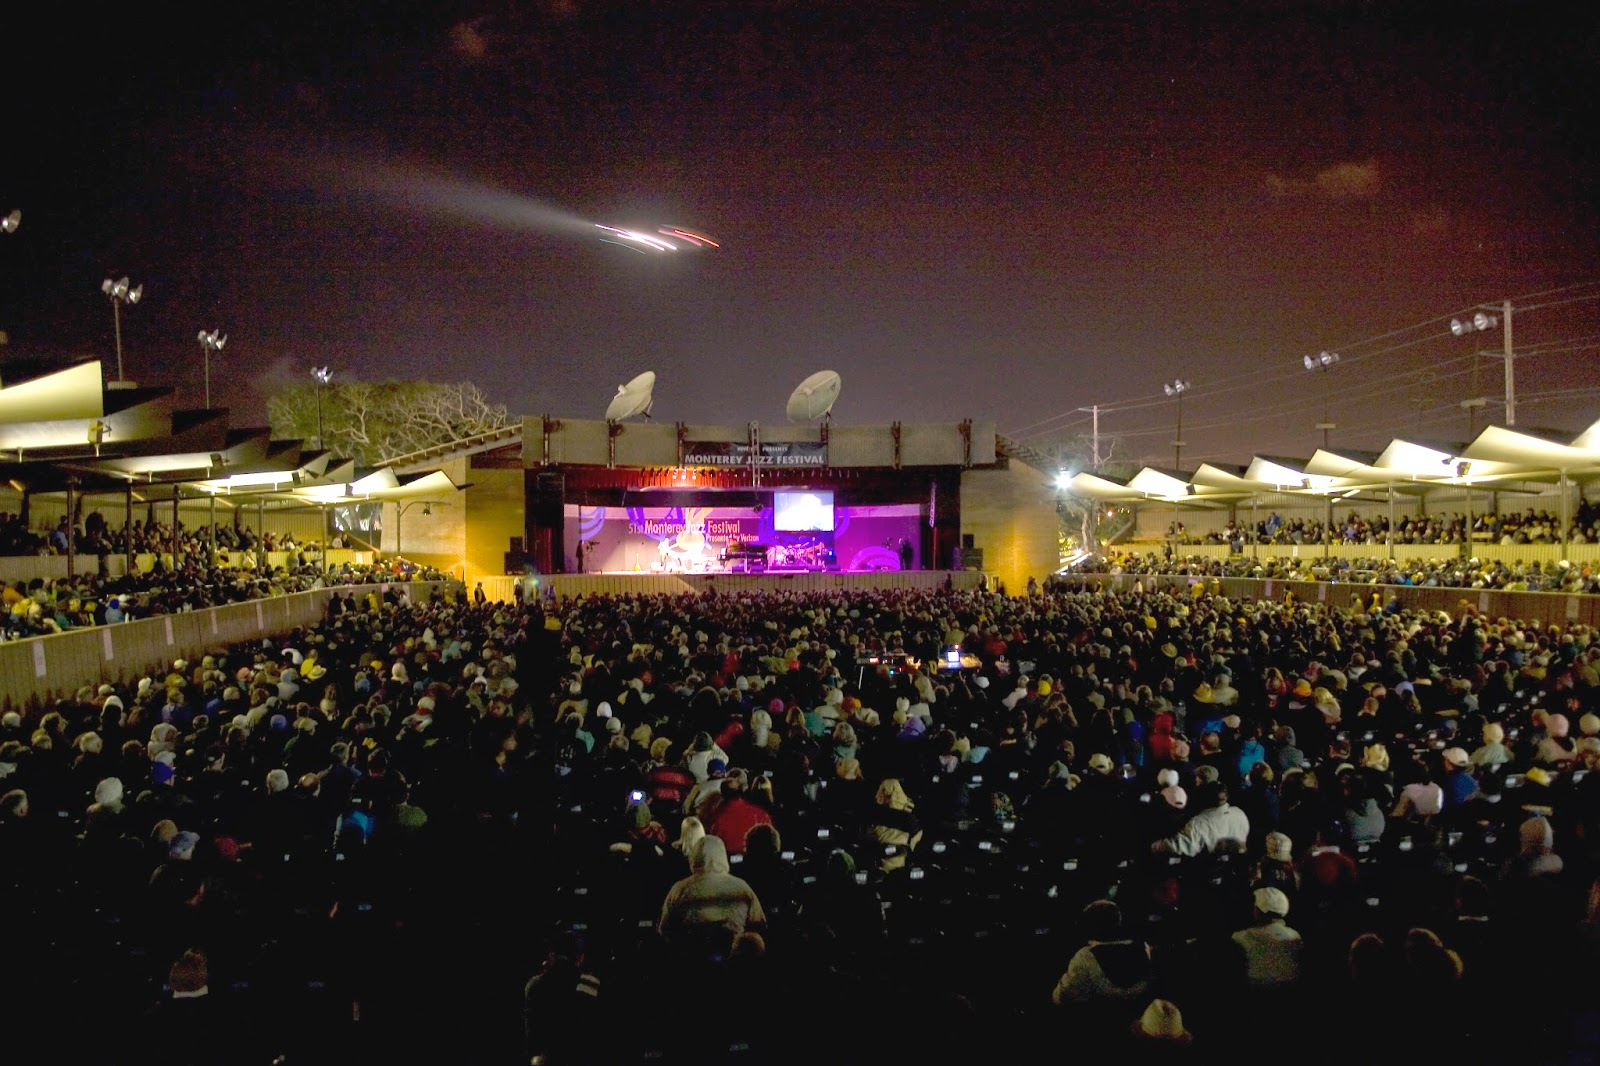 Programe-se para o Monterey Jazz Festival 2015